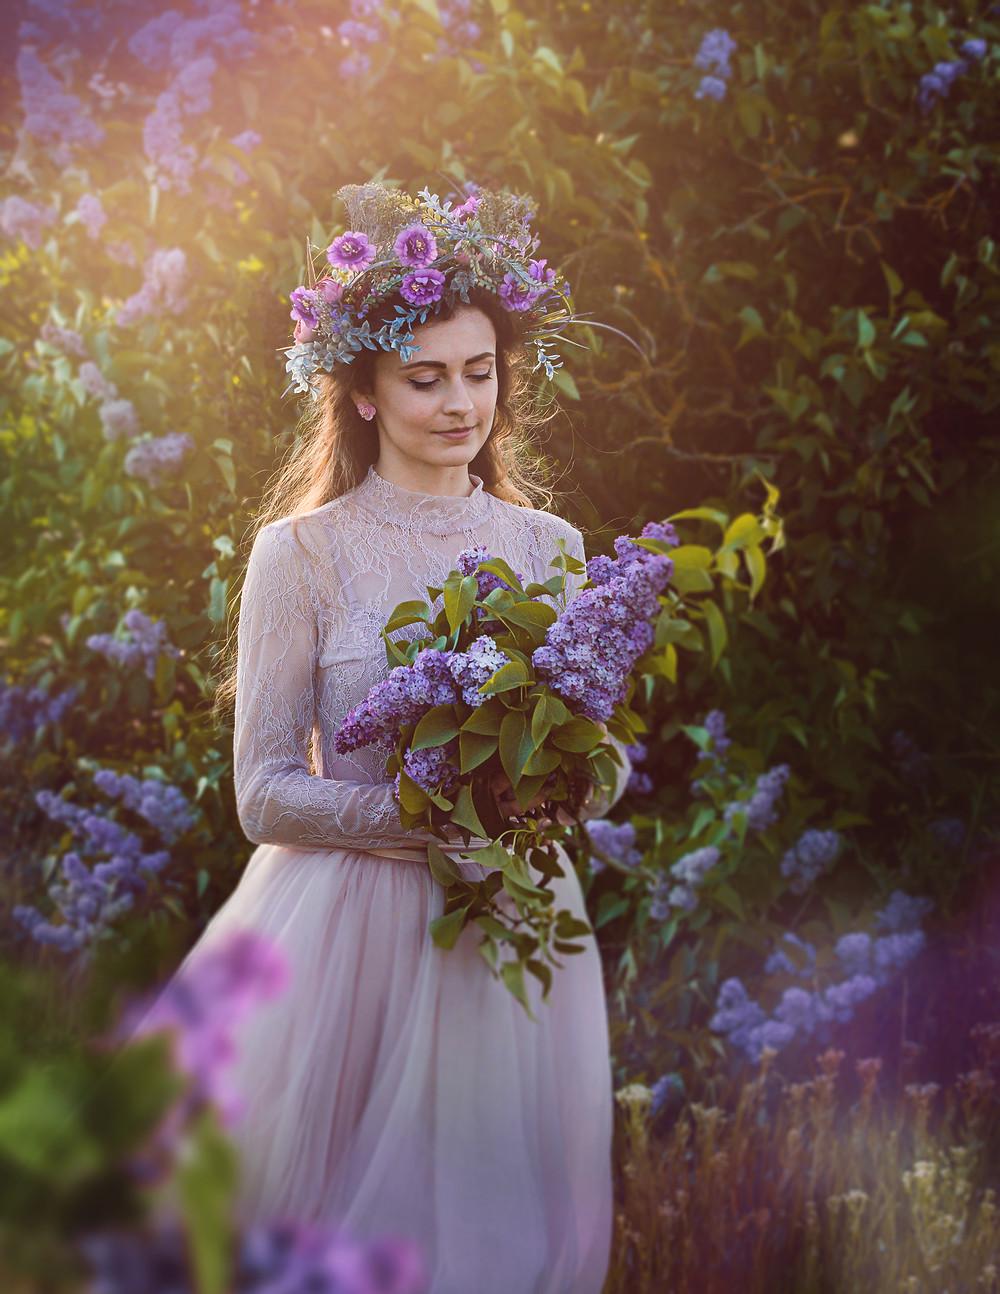 Dievča menom Terezka hľadiace na kyticu orgovánu pri zlatej hodinke, oblečená v ružovej tyllovej sukne, jemnom krajkovom bodyčku, na hlave mám veĺký fialový venček z dielne Magaela a malé ružové náušničky v tvare kvetiniek.